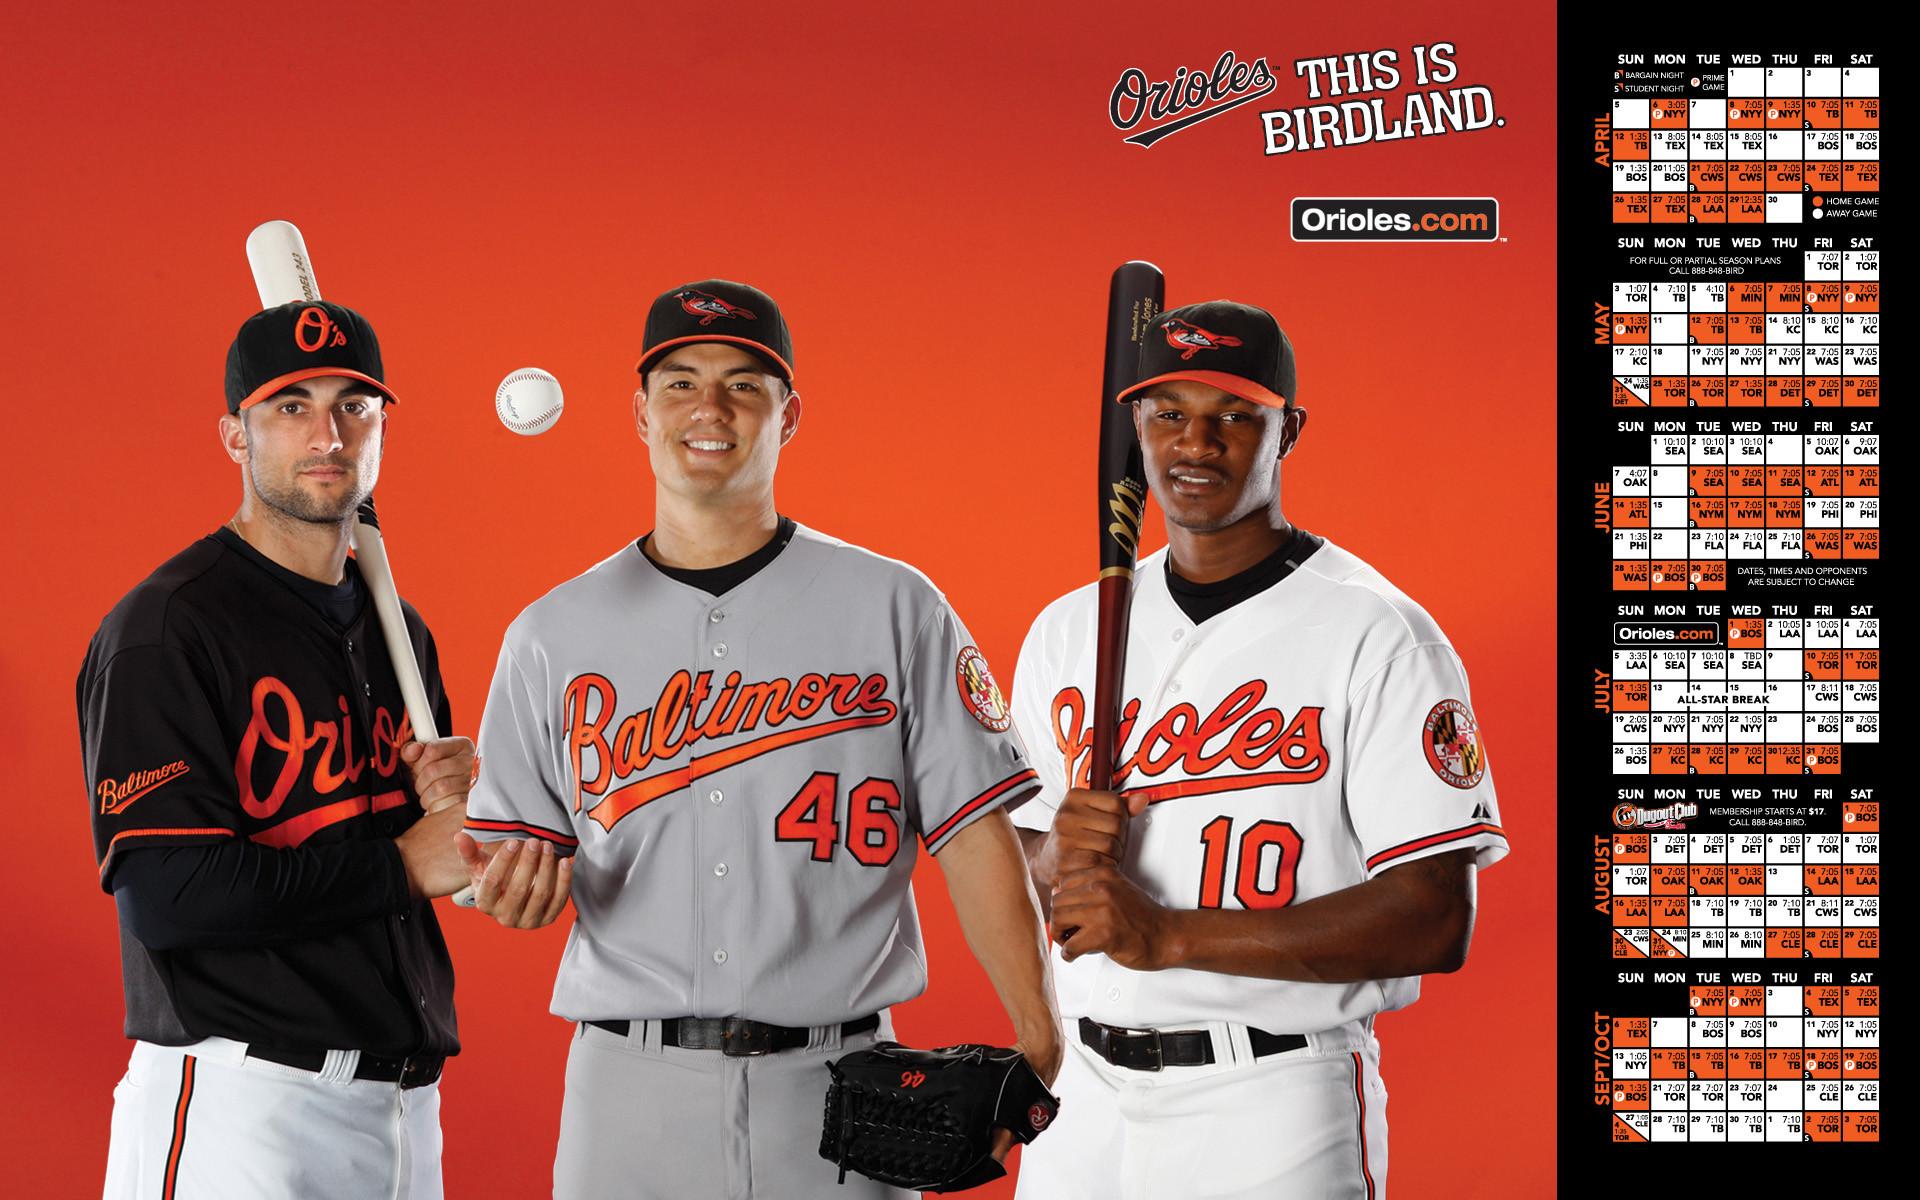 Baltimore Orioles Wallpaper 2013